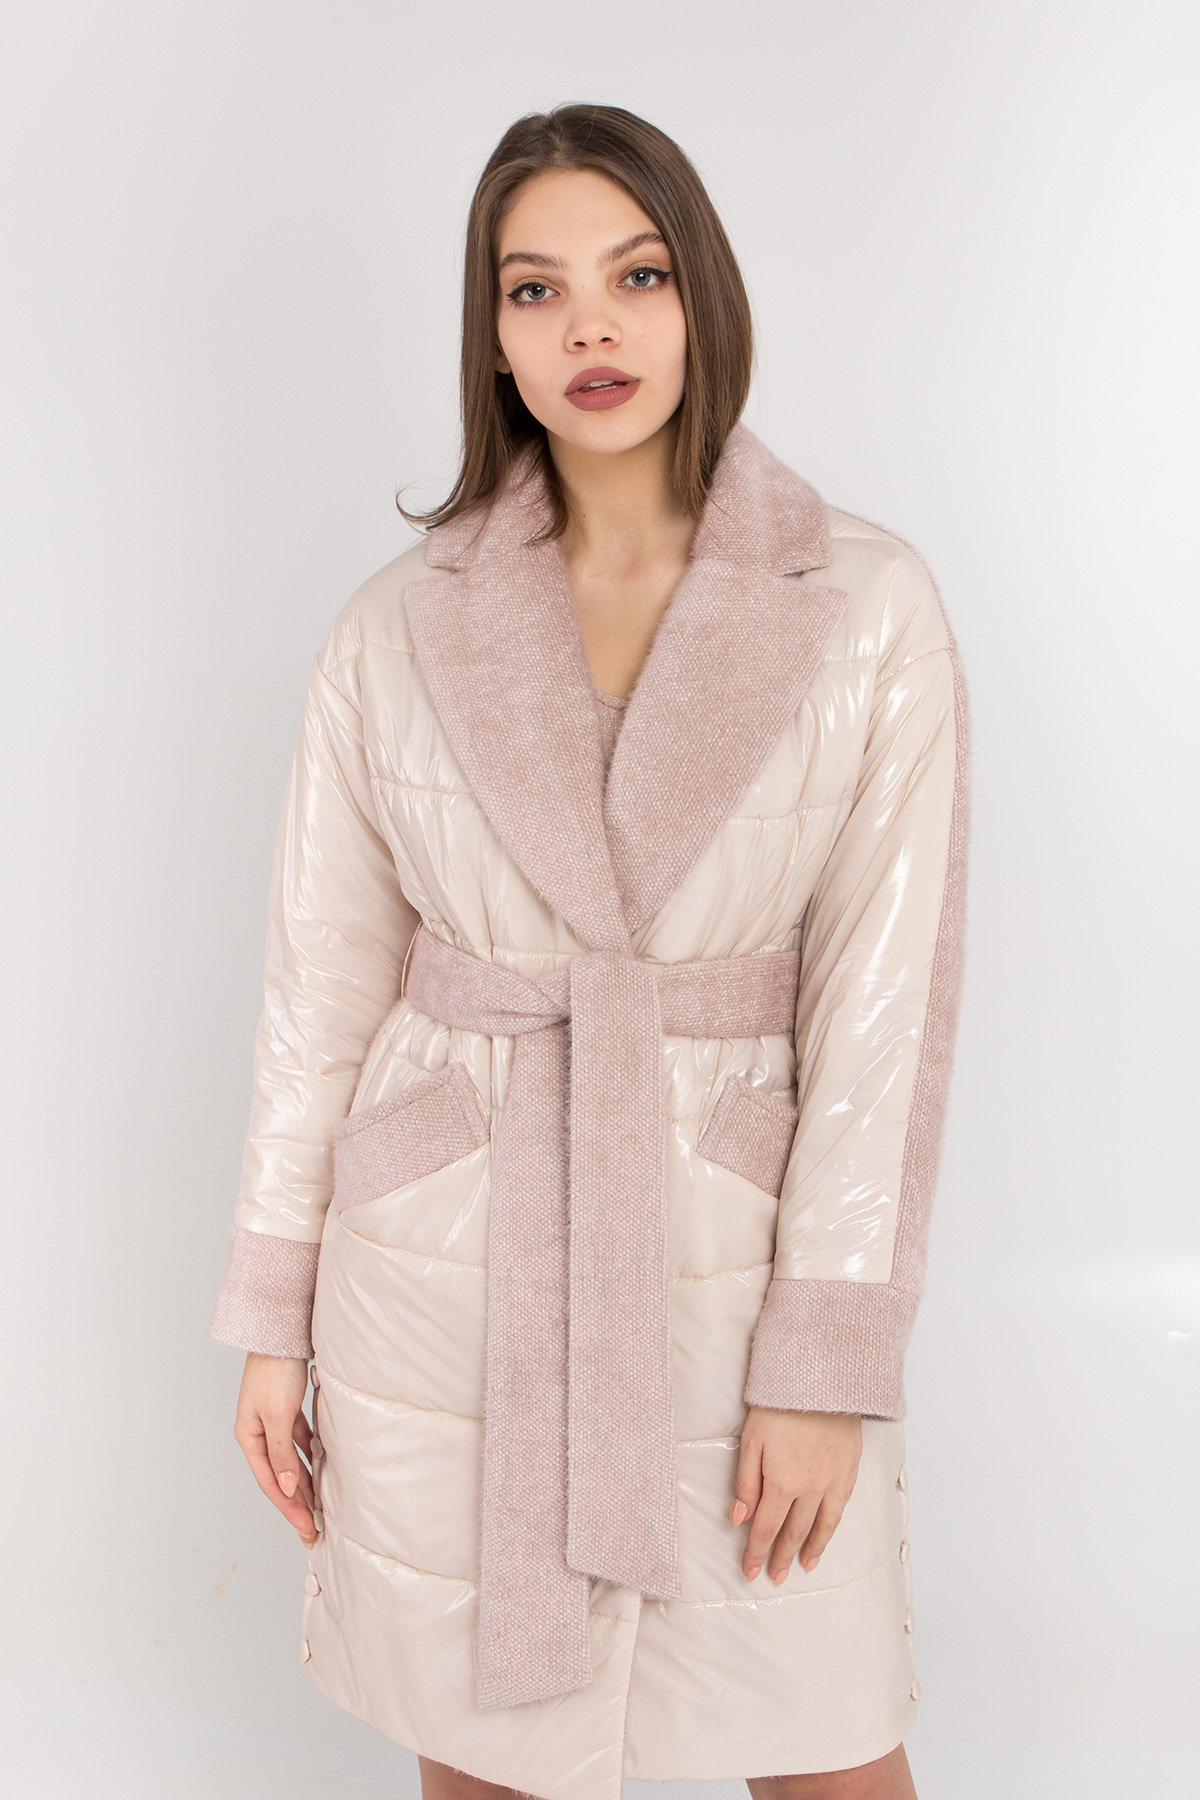 Комбинированное пальто с плащевкой Санья 8780 АРТ. 45123 Цвет: Пудра/молоко - фото 7, интернет магазин tm-modus.ru